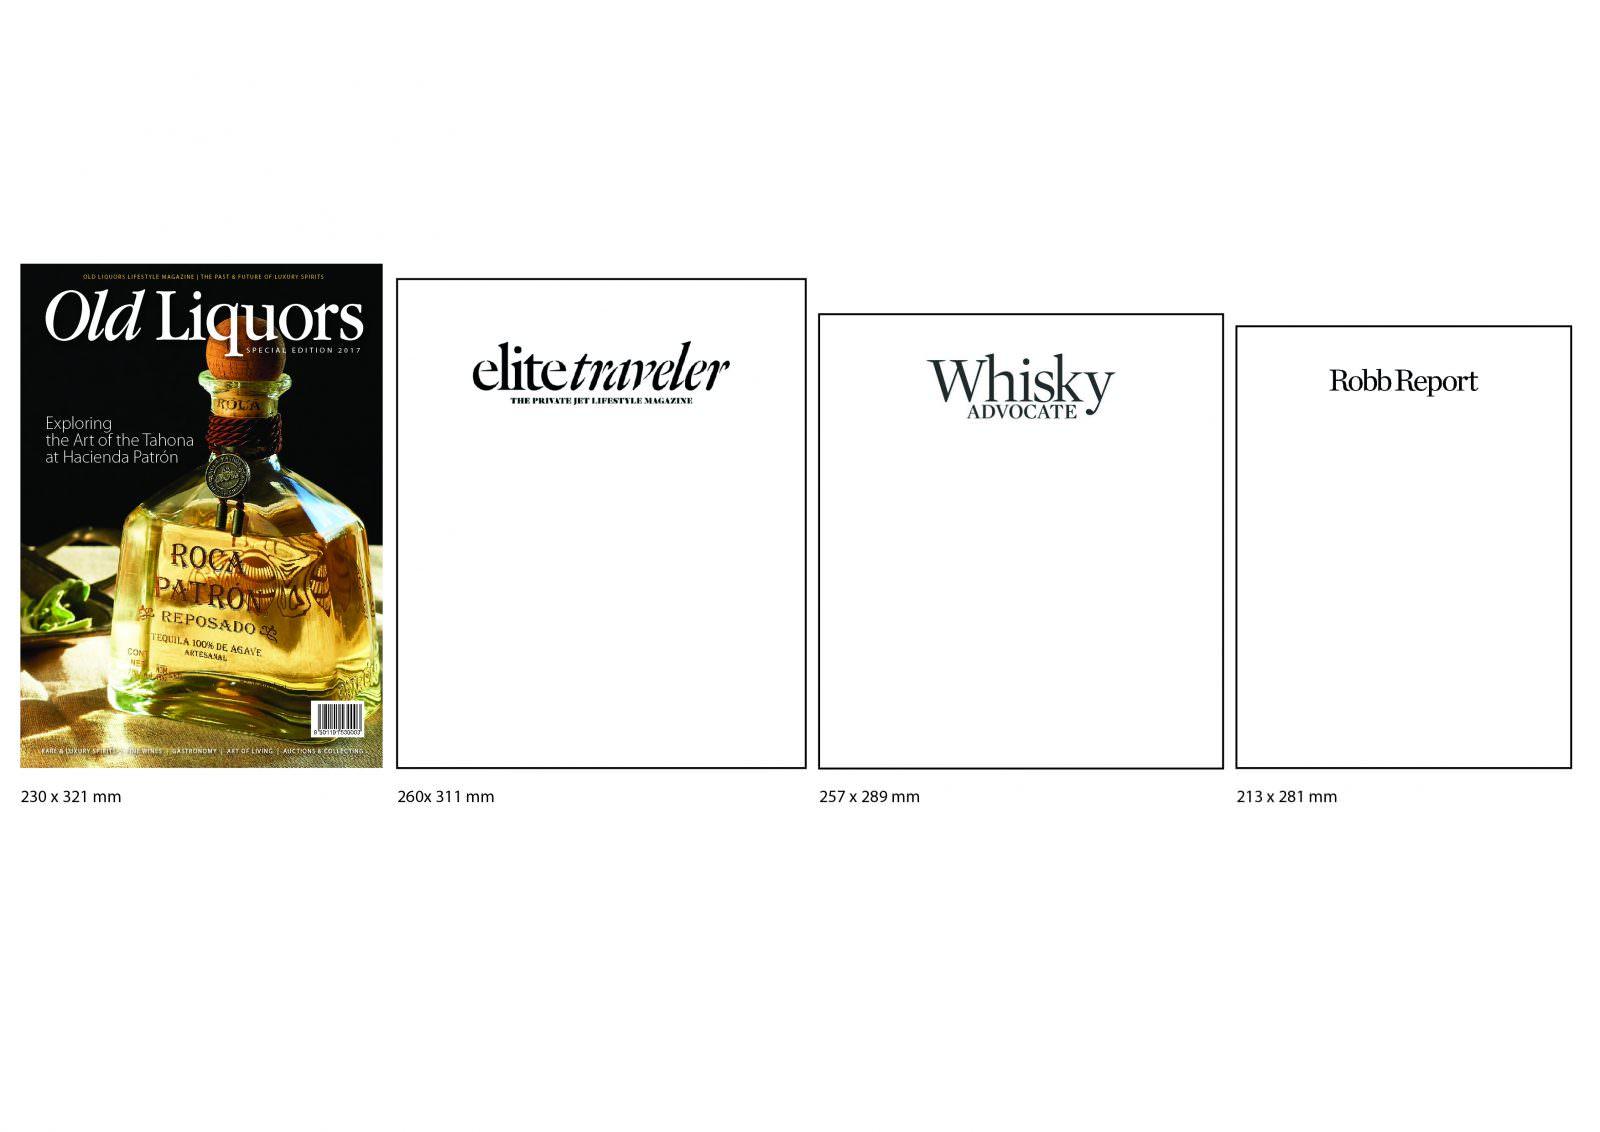 Comparing Magazine sizes